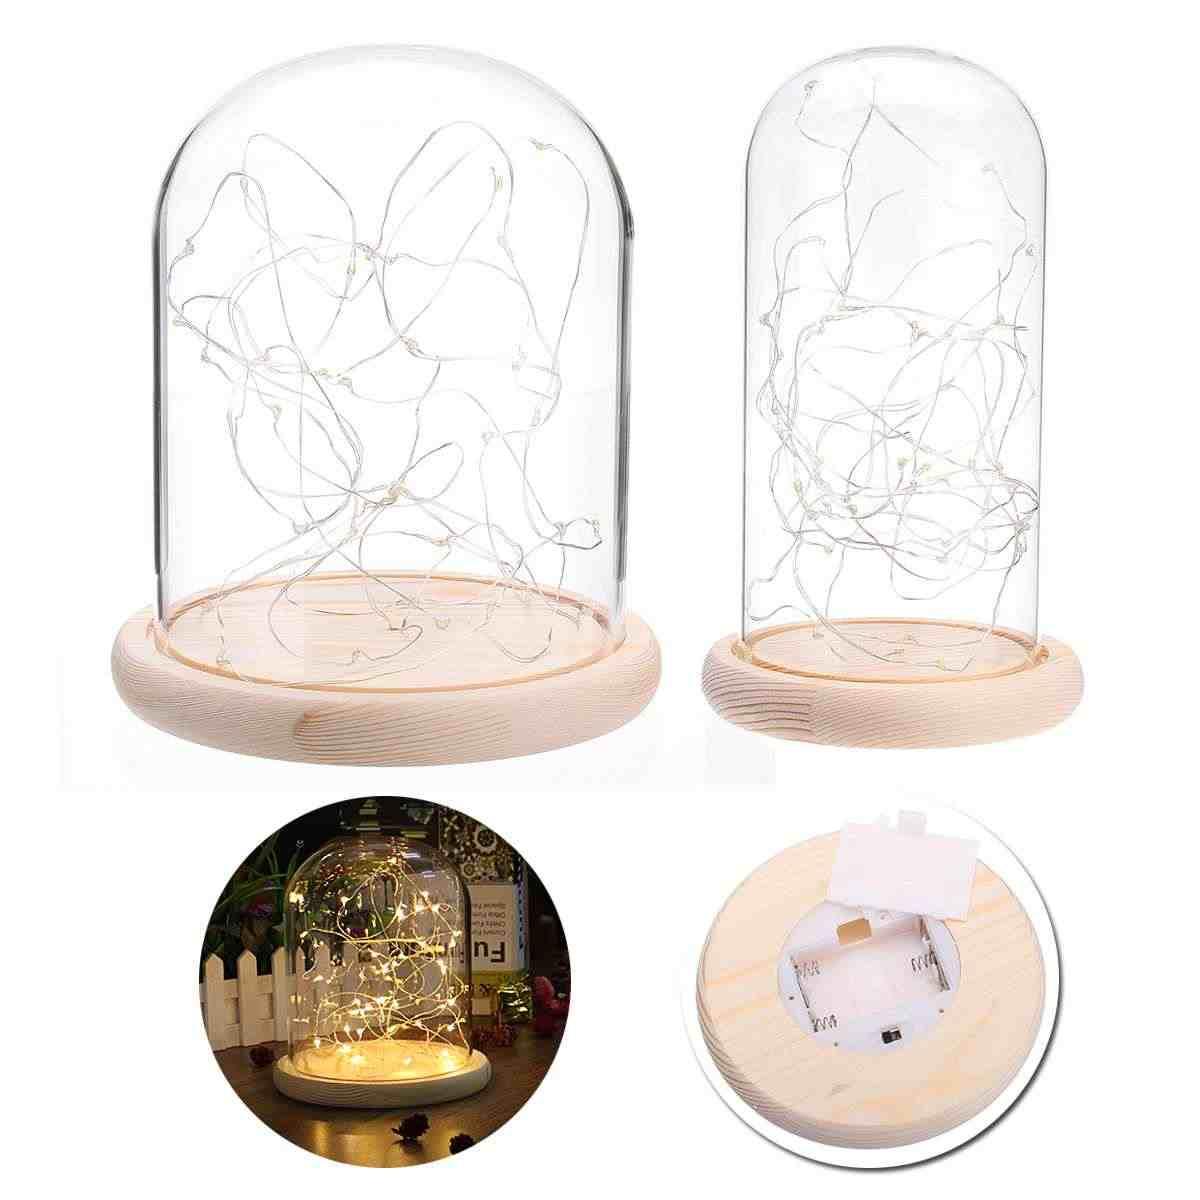 Светодиодный цветочный стеклянный глобус коробка бутылки ночной свет прикроватная лампа держатель Подарочный чехол база деревянные стеклянные вазы светодиодный абажур домашний декор